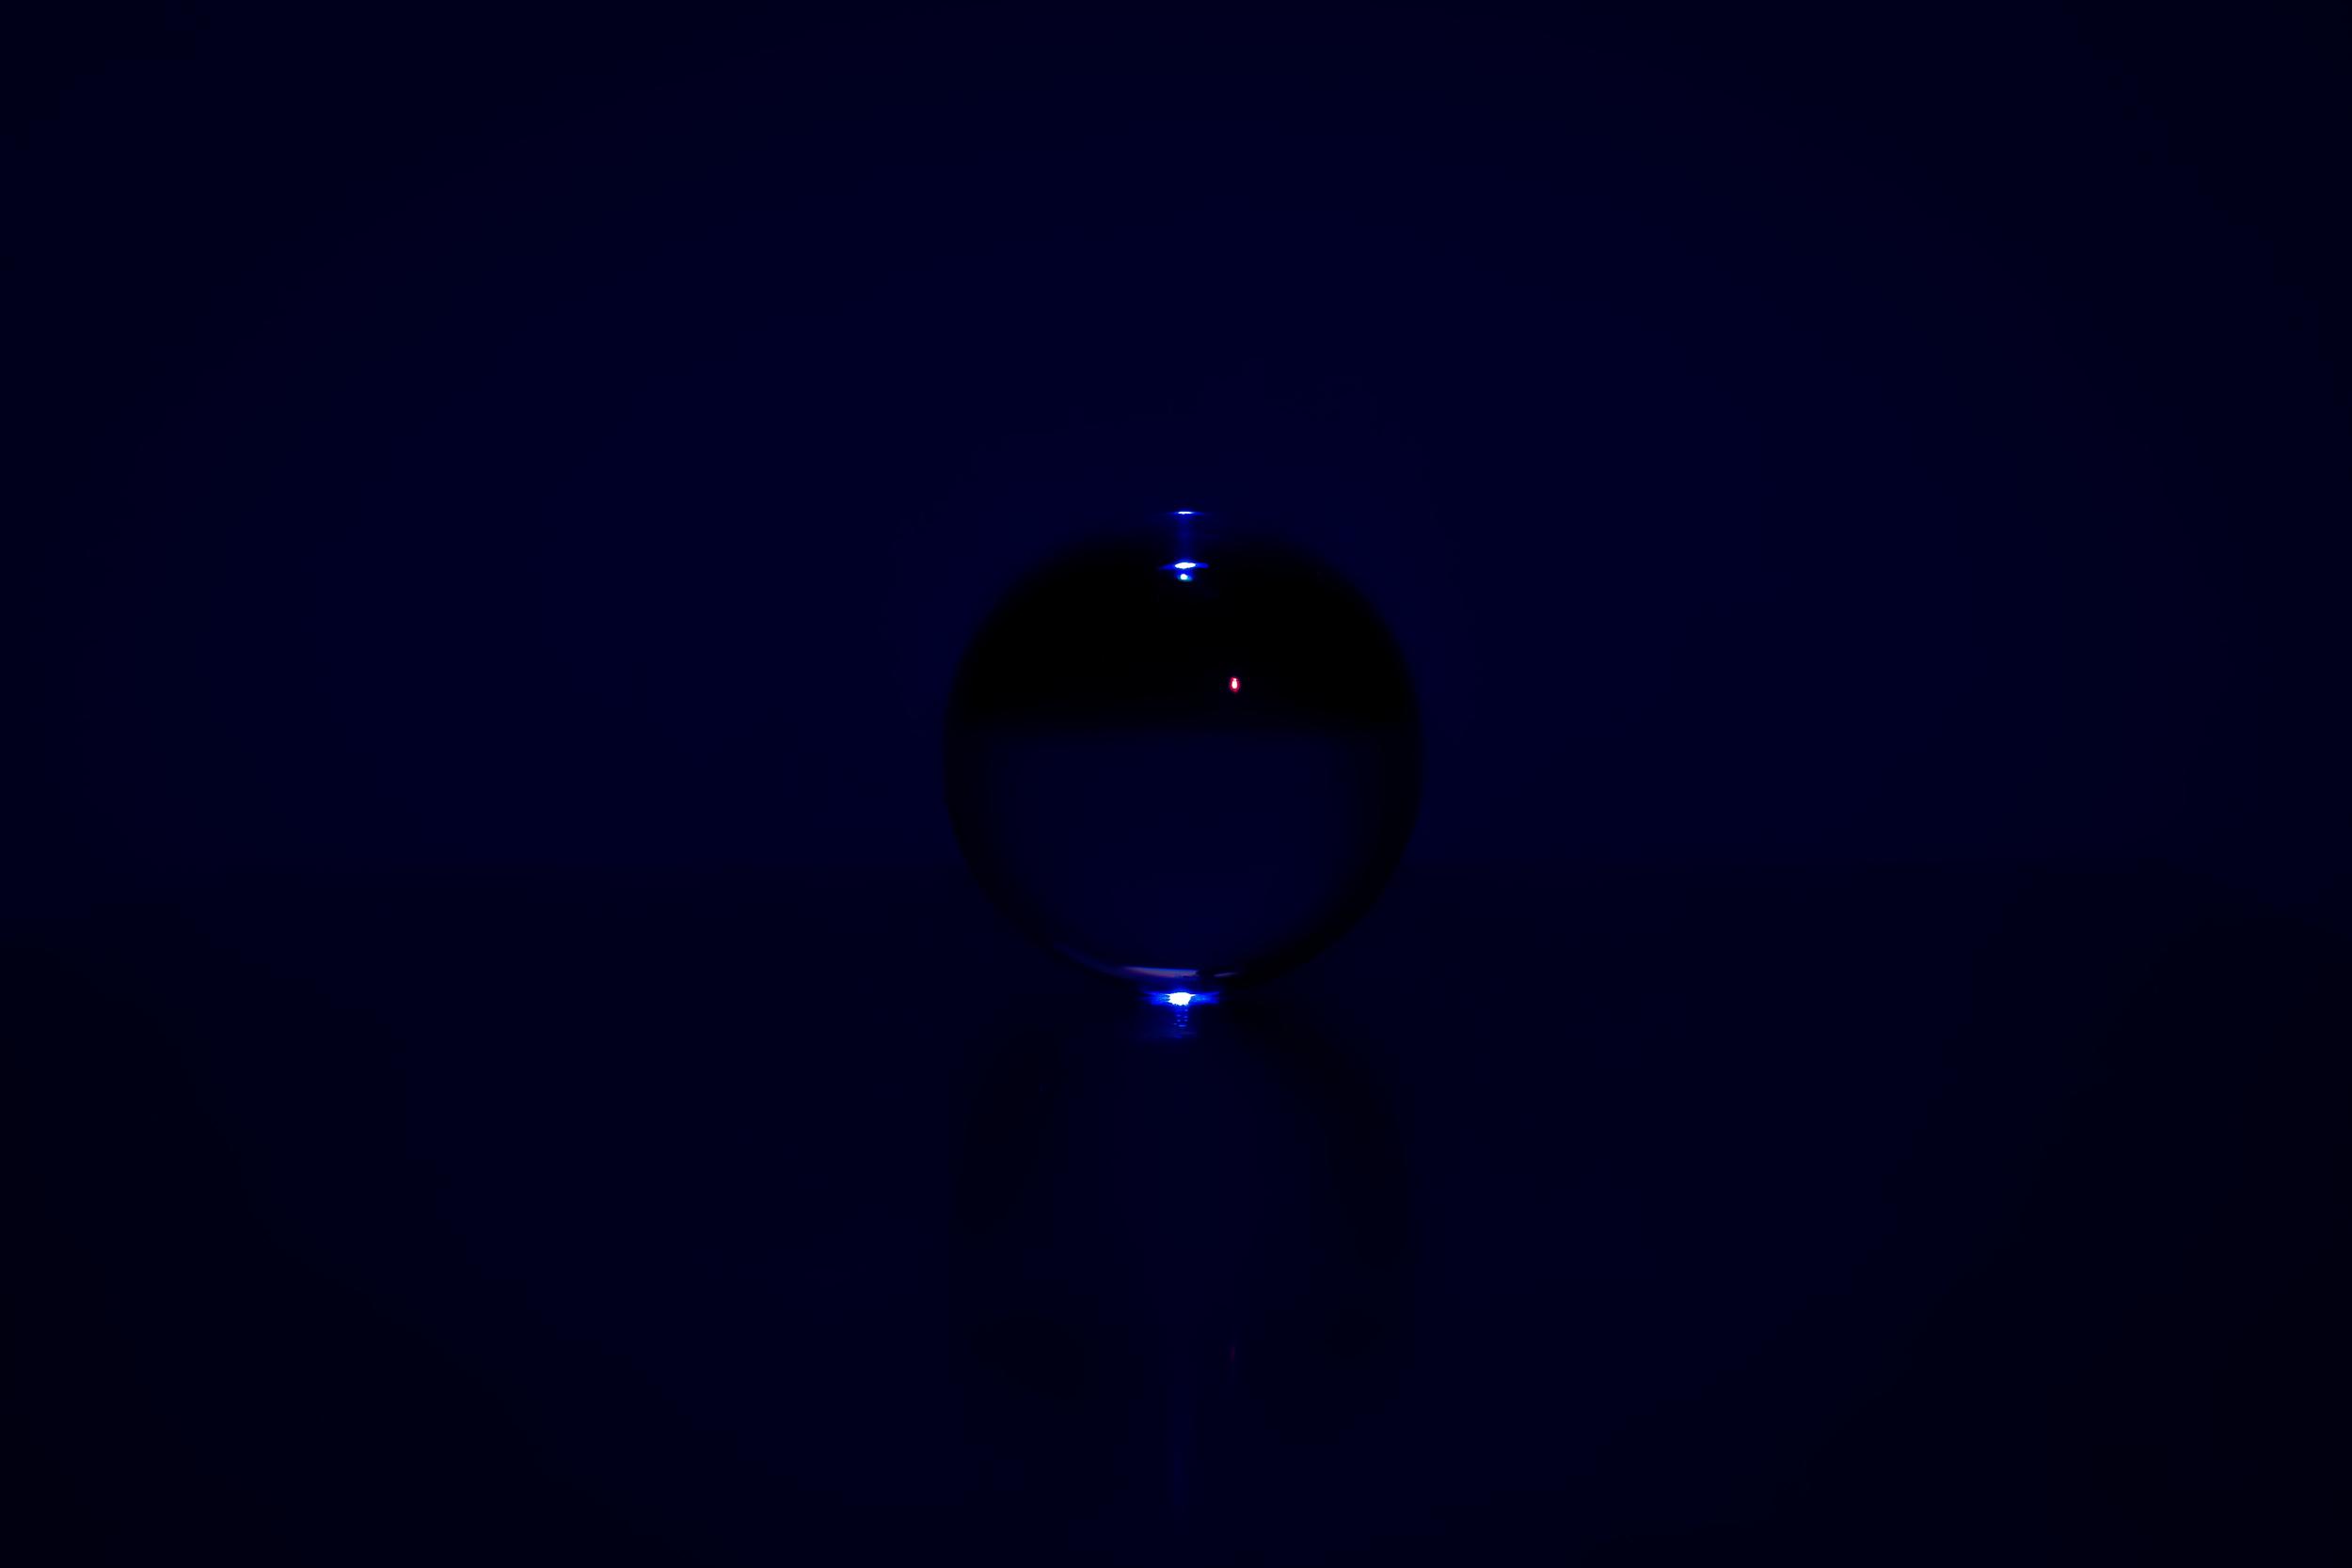 Viewfinder-kristallen-bol-eigenzinnigie-fotografie-deep-blue-sky